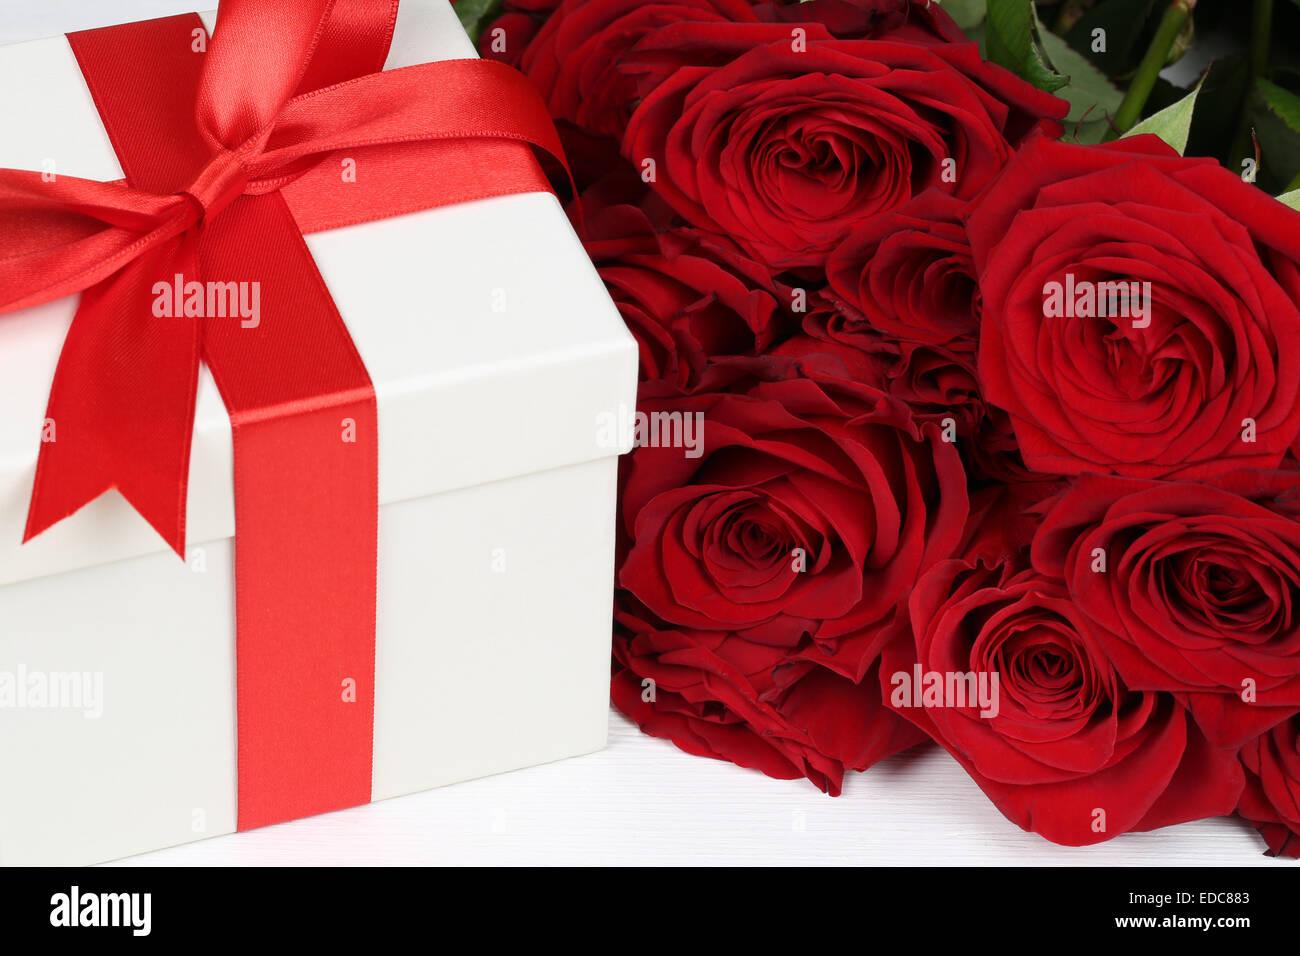 Geschenke Geschenk Box Mit Rosen Blumen Zum Geburtstag Valentinstag